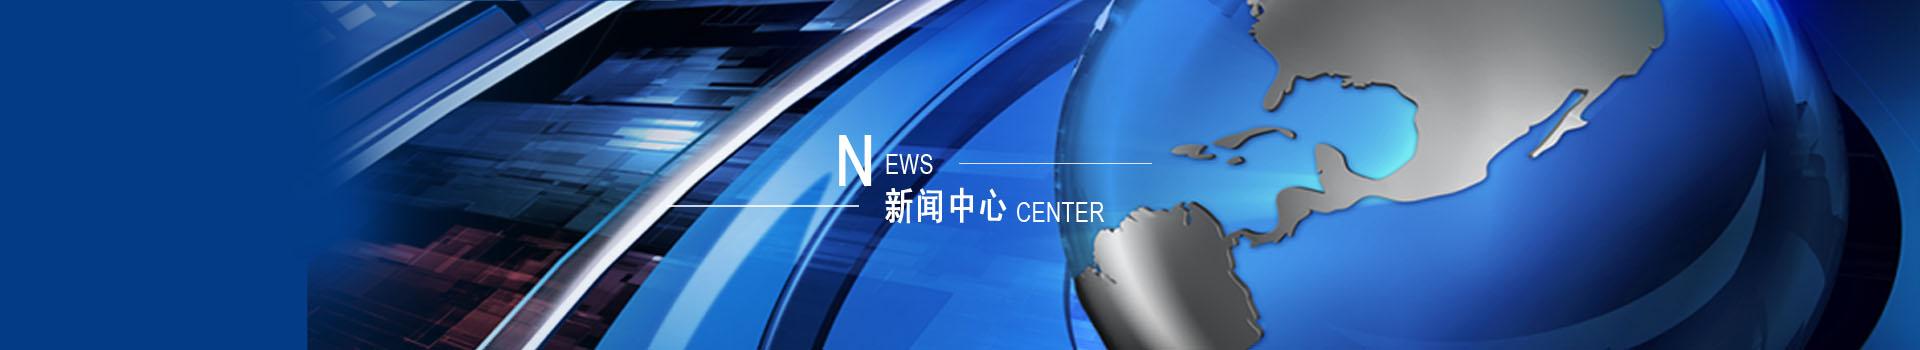 新闻资讯_公司新闻